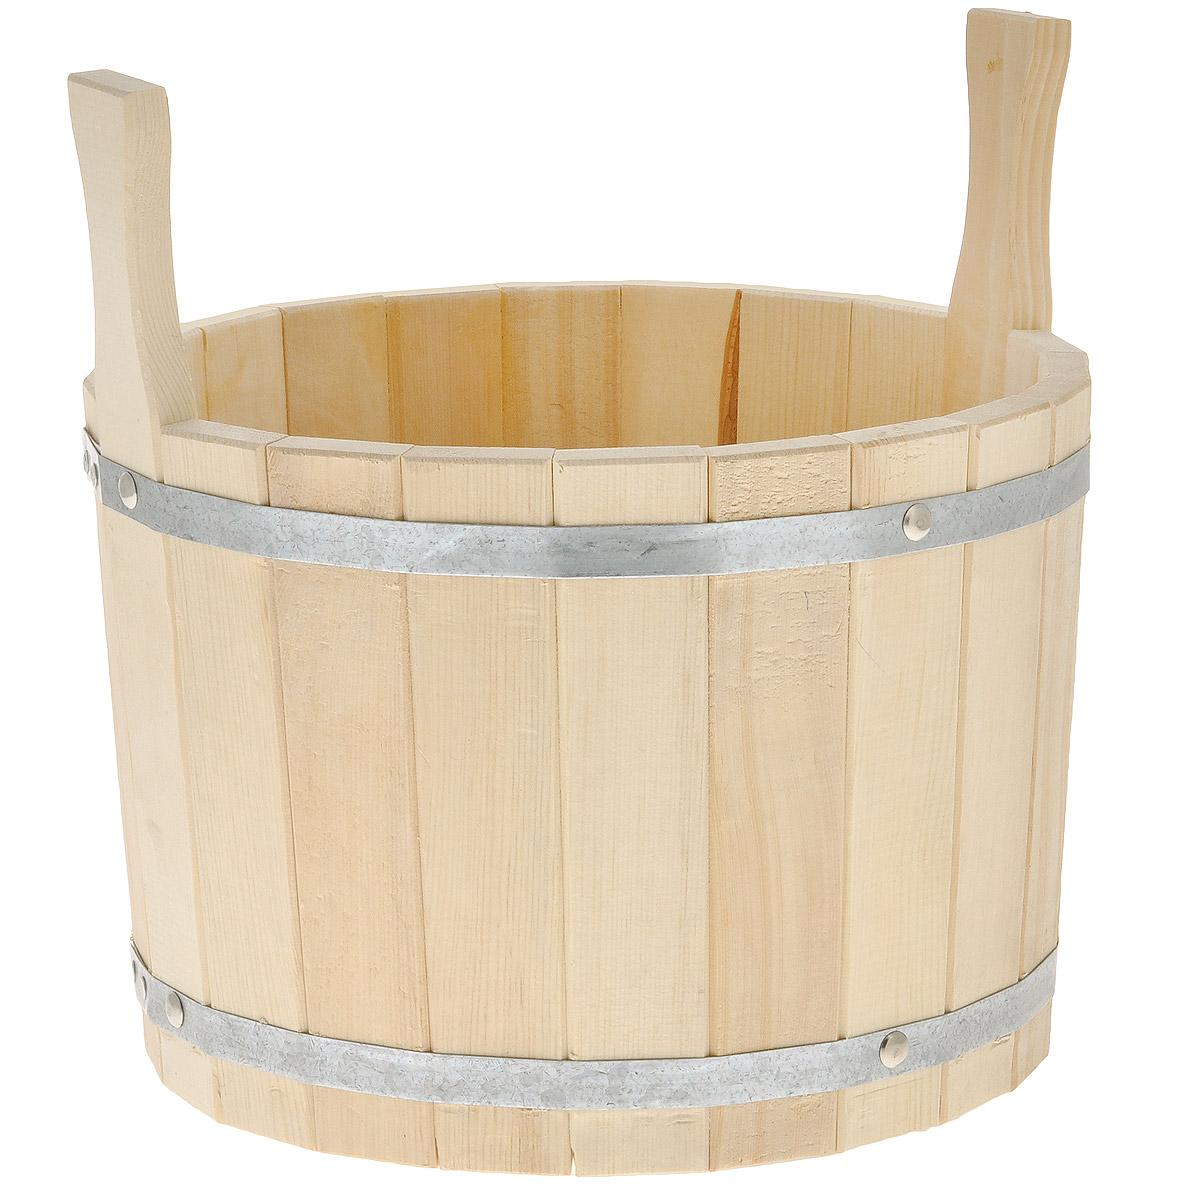 Шайка для бани Доктор Баня, 10 л8316Шайка круглой формы выполнена из брусков кедра, стянутых двумя металлическими обручами. Она прекрасно подойдет для замачивания веника или других банных процедур. Для более удобного использования шайка имеет по бокам две небольшие ручки. Шайка является одной из тех приятных мелочей, без которых не обойтись при принятии банных процедур. Аксессуары для бани и сауны - это те приятные мелочи, которые приносят радость и создают комфорт. Интересная штука - баня. Место, где одинаково хорошо и в компании, и в одиночестве. Перекресток, казалось бы, разных направлений - общение и здоровье. Приятное и полезное. И всегда в позитиве. Характеристики: Материал: дерево (кедр), металл. Объем шайки: 10 л. Диаметр шайки по верхнему краю: 30 см. Высота шайки (без учета ручек): 21,5 см. Длина ручек: 10 см.